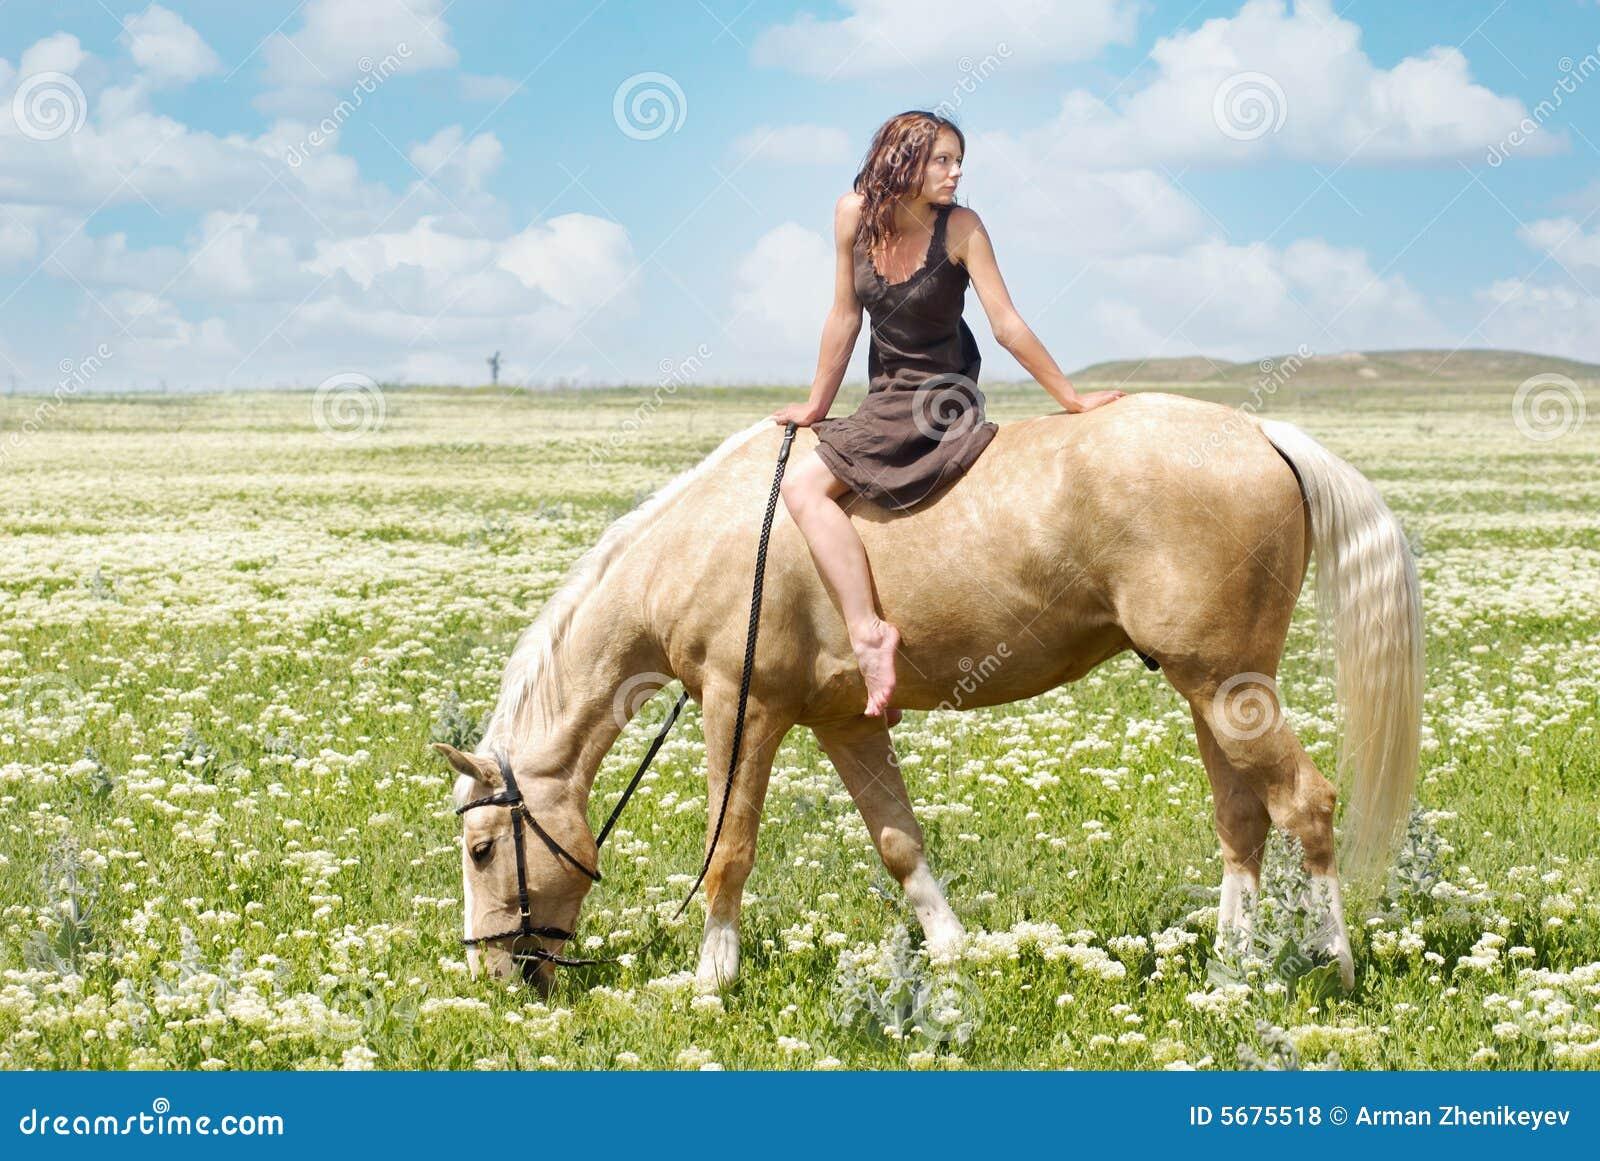 sexe plage com cheval sexuel